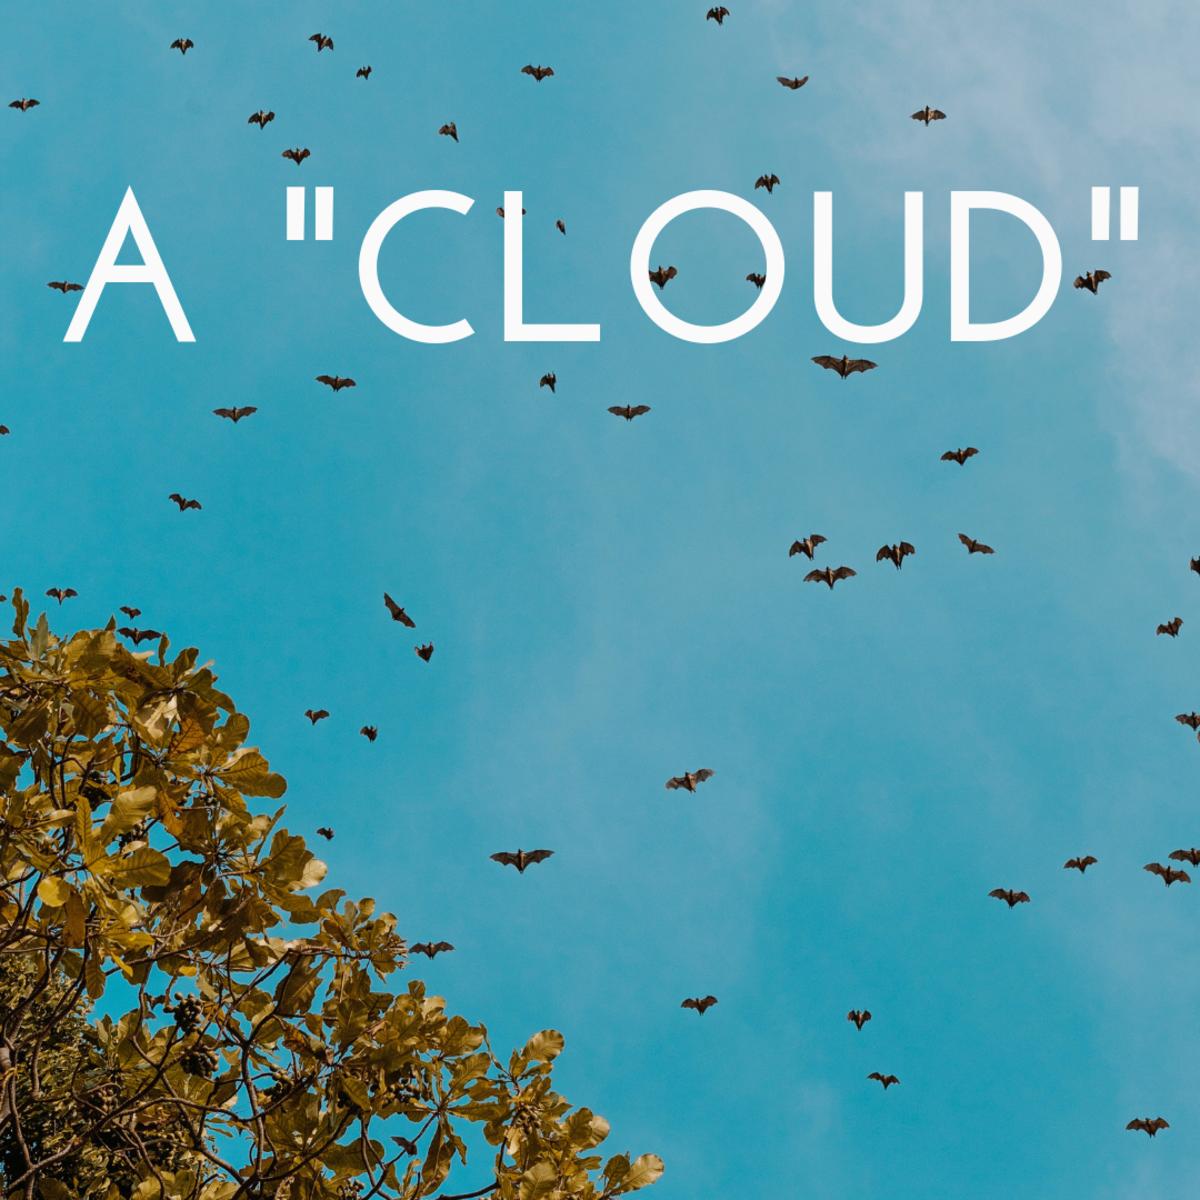 A cloud of bats.